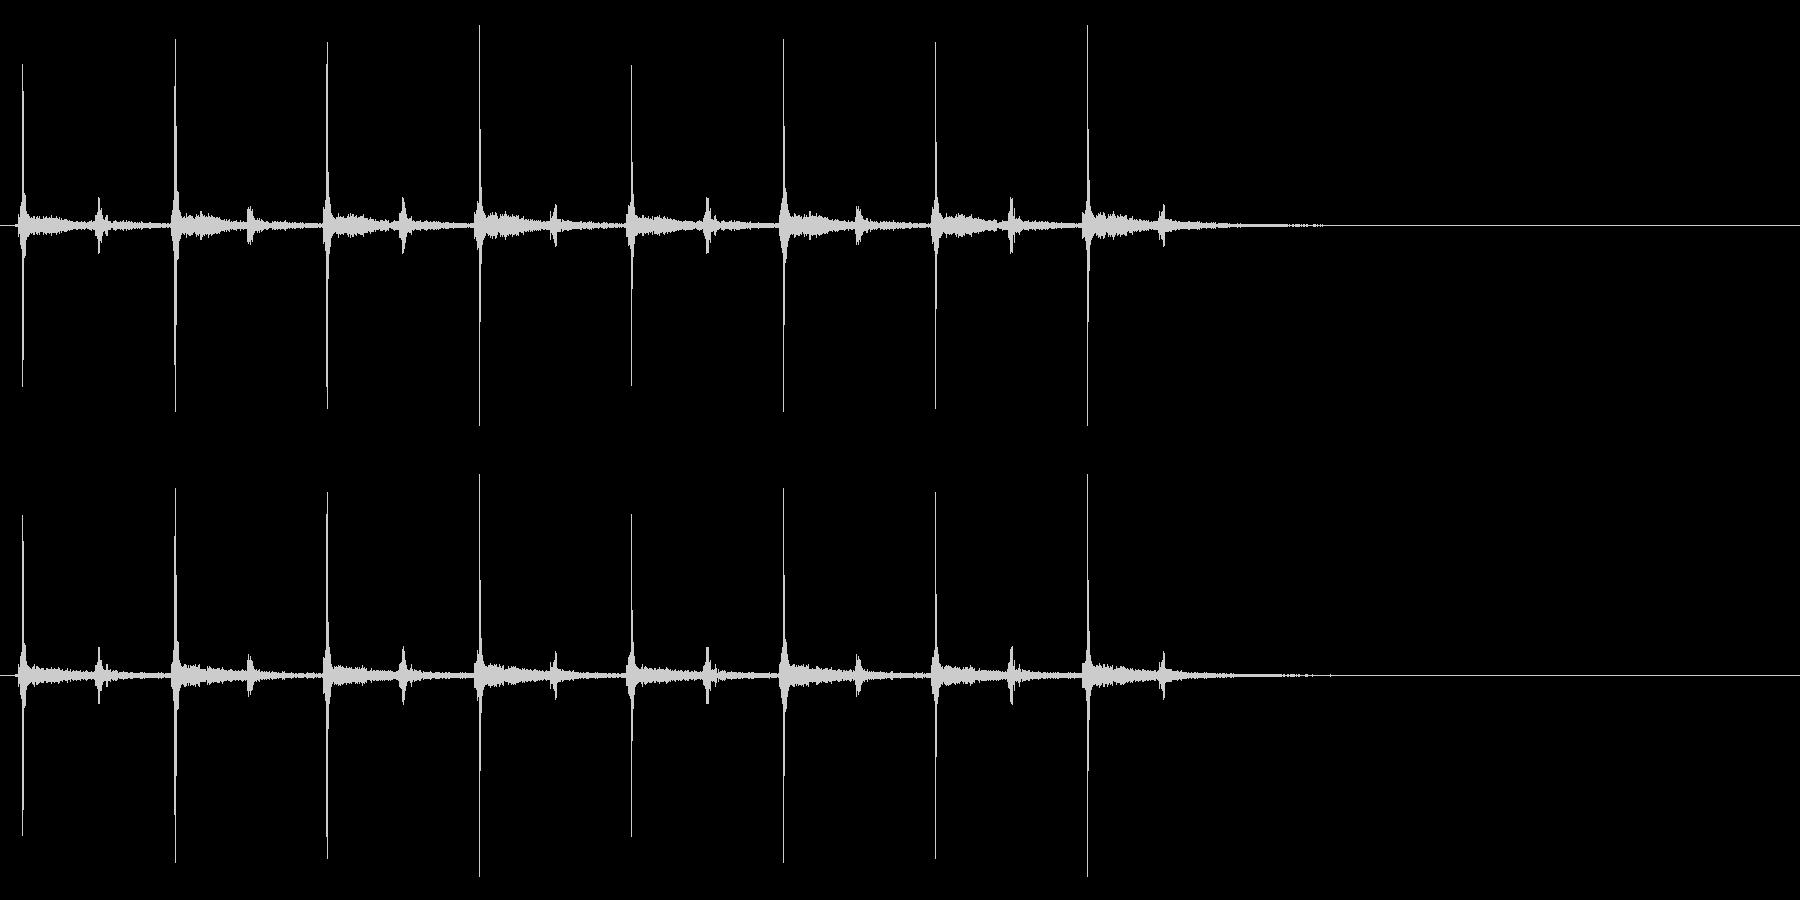 時計 秒針02-9(リバーブ 3)の未再生の波形